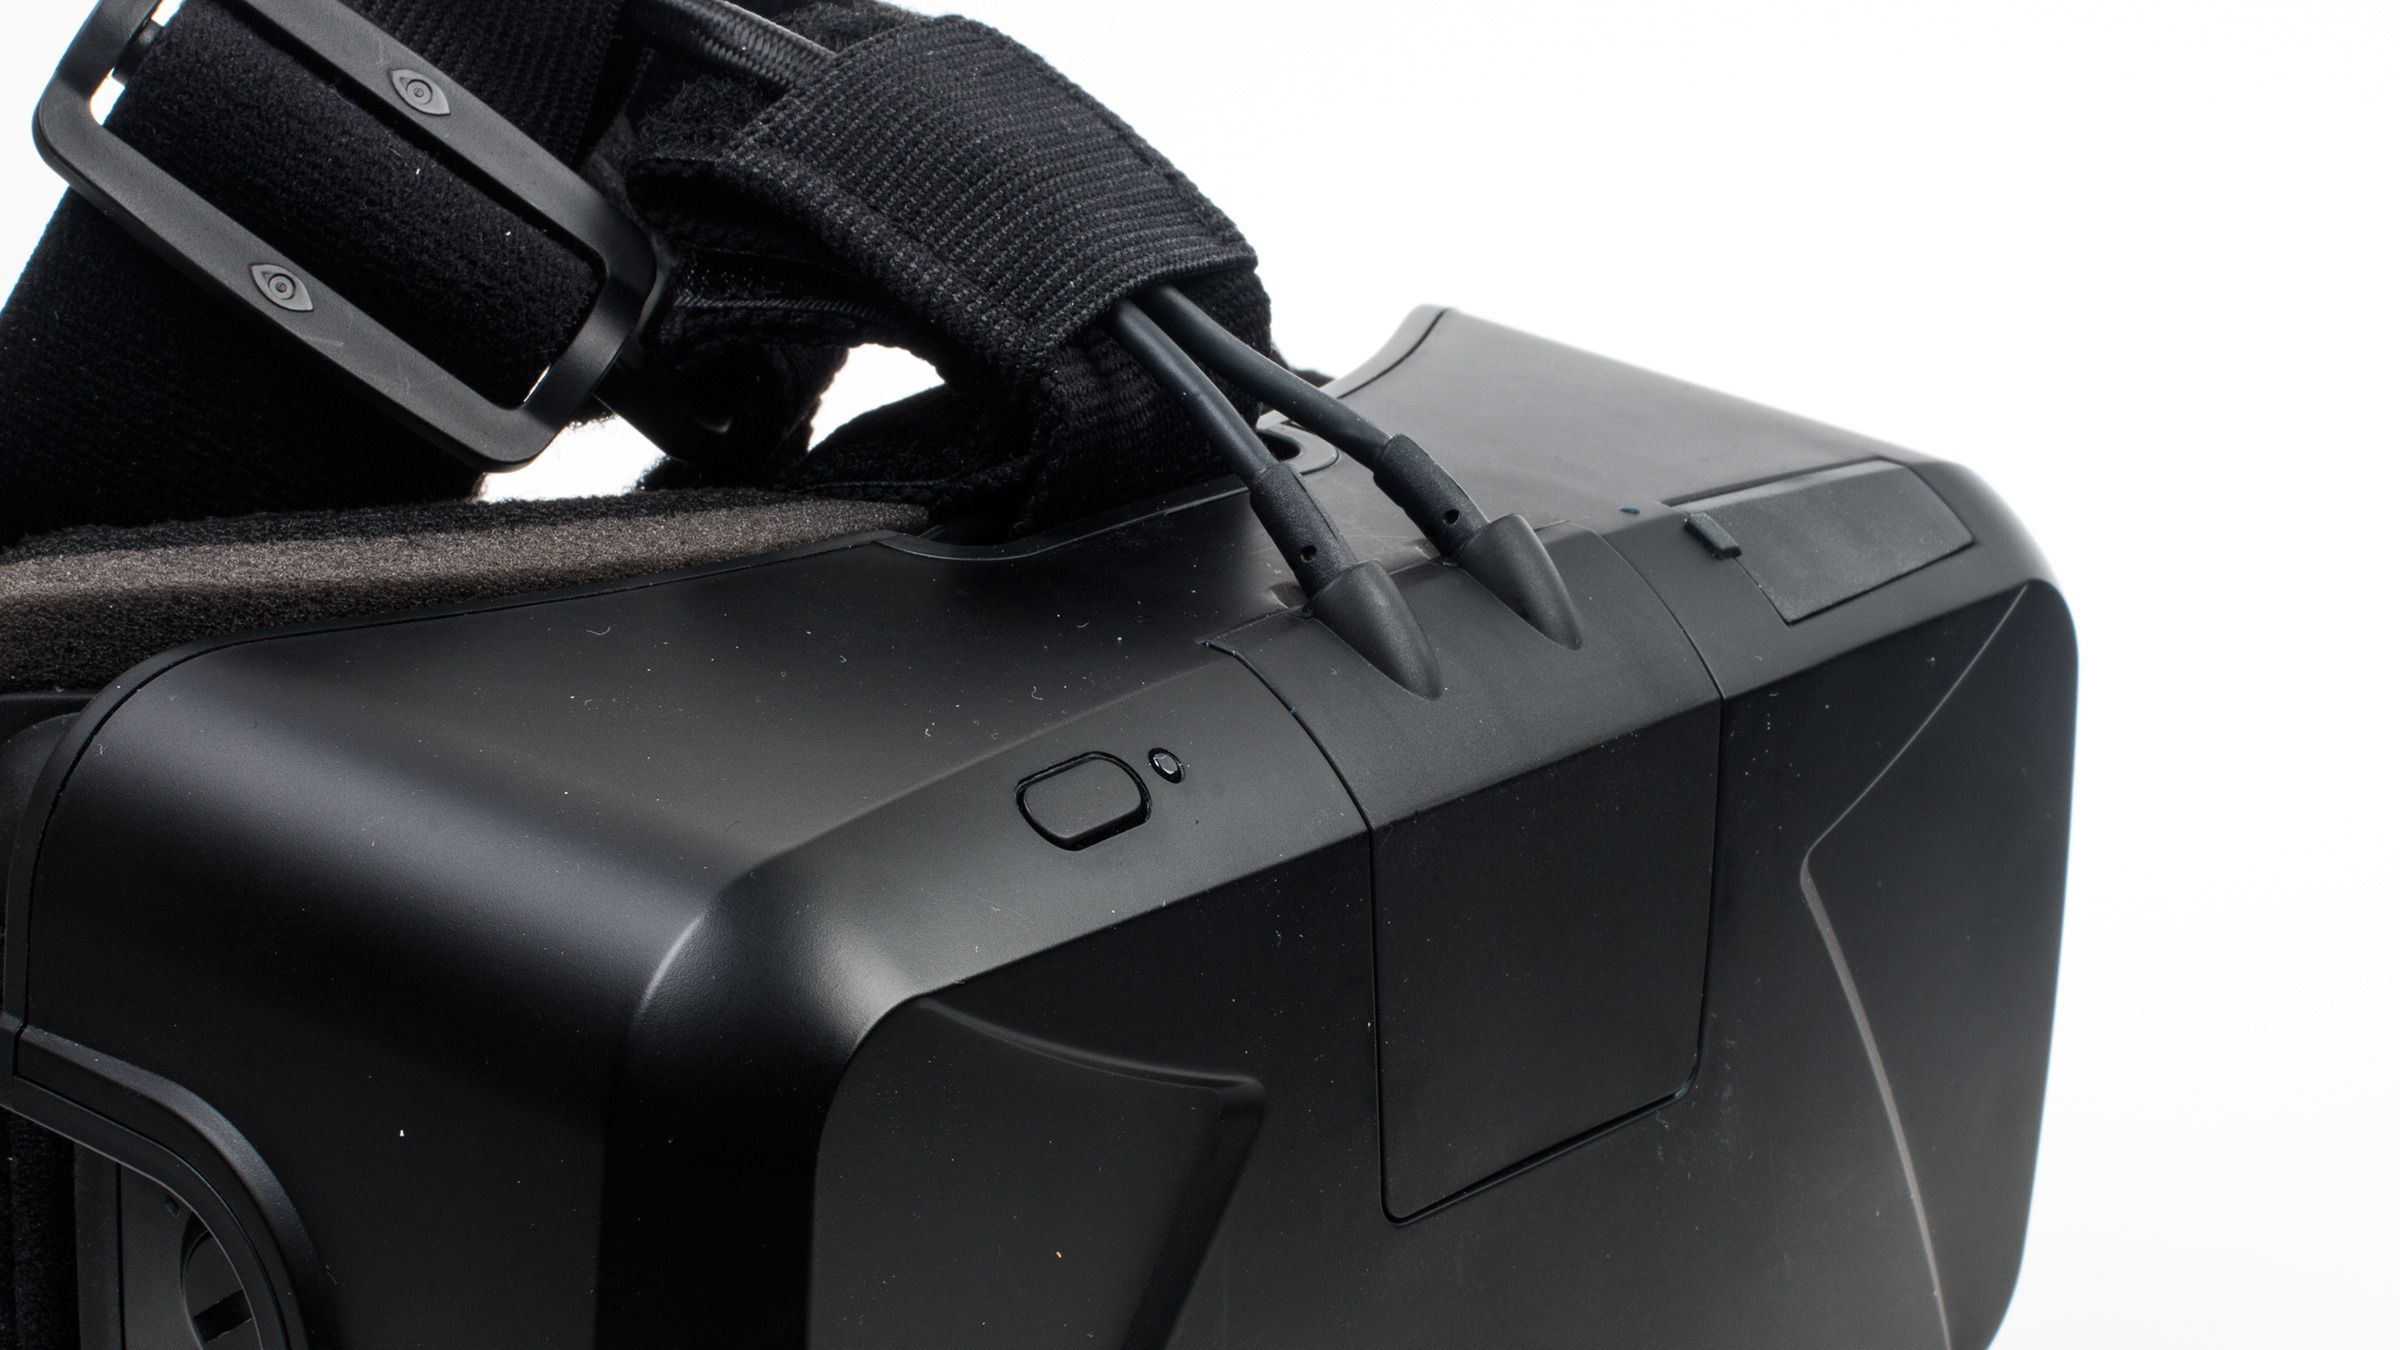 Det nye Rift-hodesettet er betydelig mer kompakt enn det gamle, til tross for at mye av elektronikken er flyttet til innsiden av selve skjermvisiret. På-knappen er ikke lenger festet til en ekstern boks, men befinner seg nå oppe selve Rift-brillen, og her er det også et par kabler som stikker ut.Foto: Varg Aamo, Tek.no